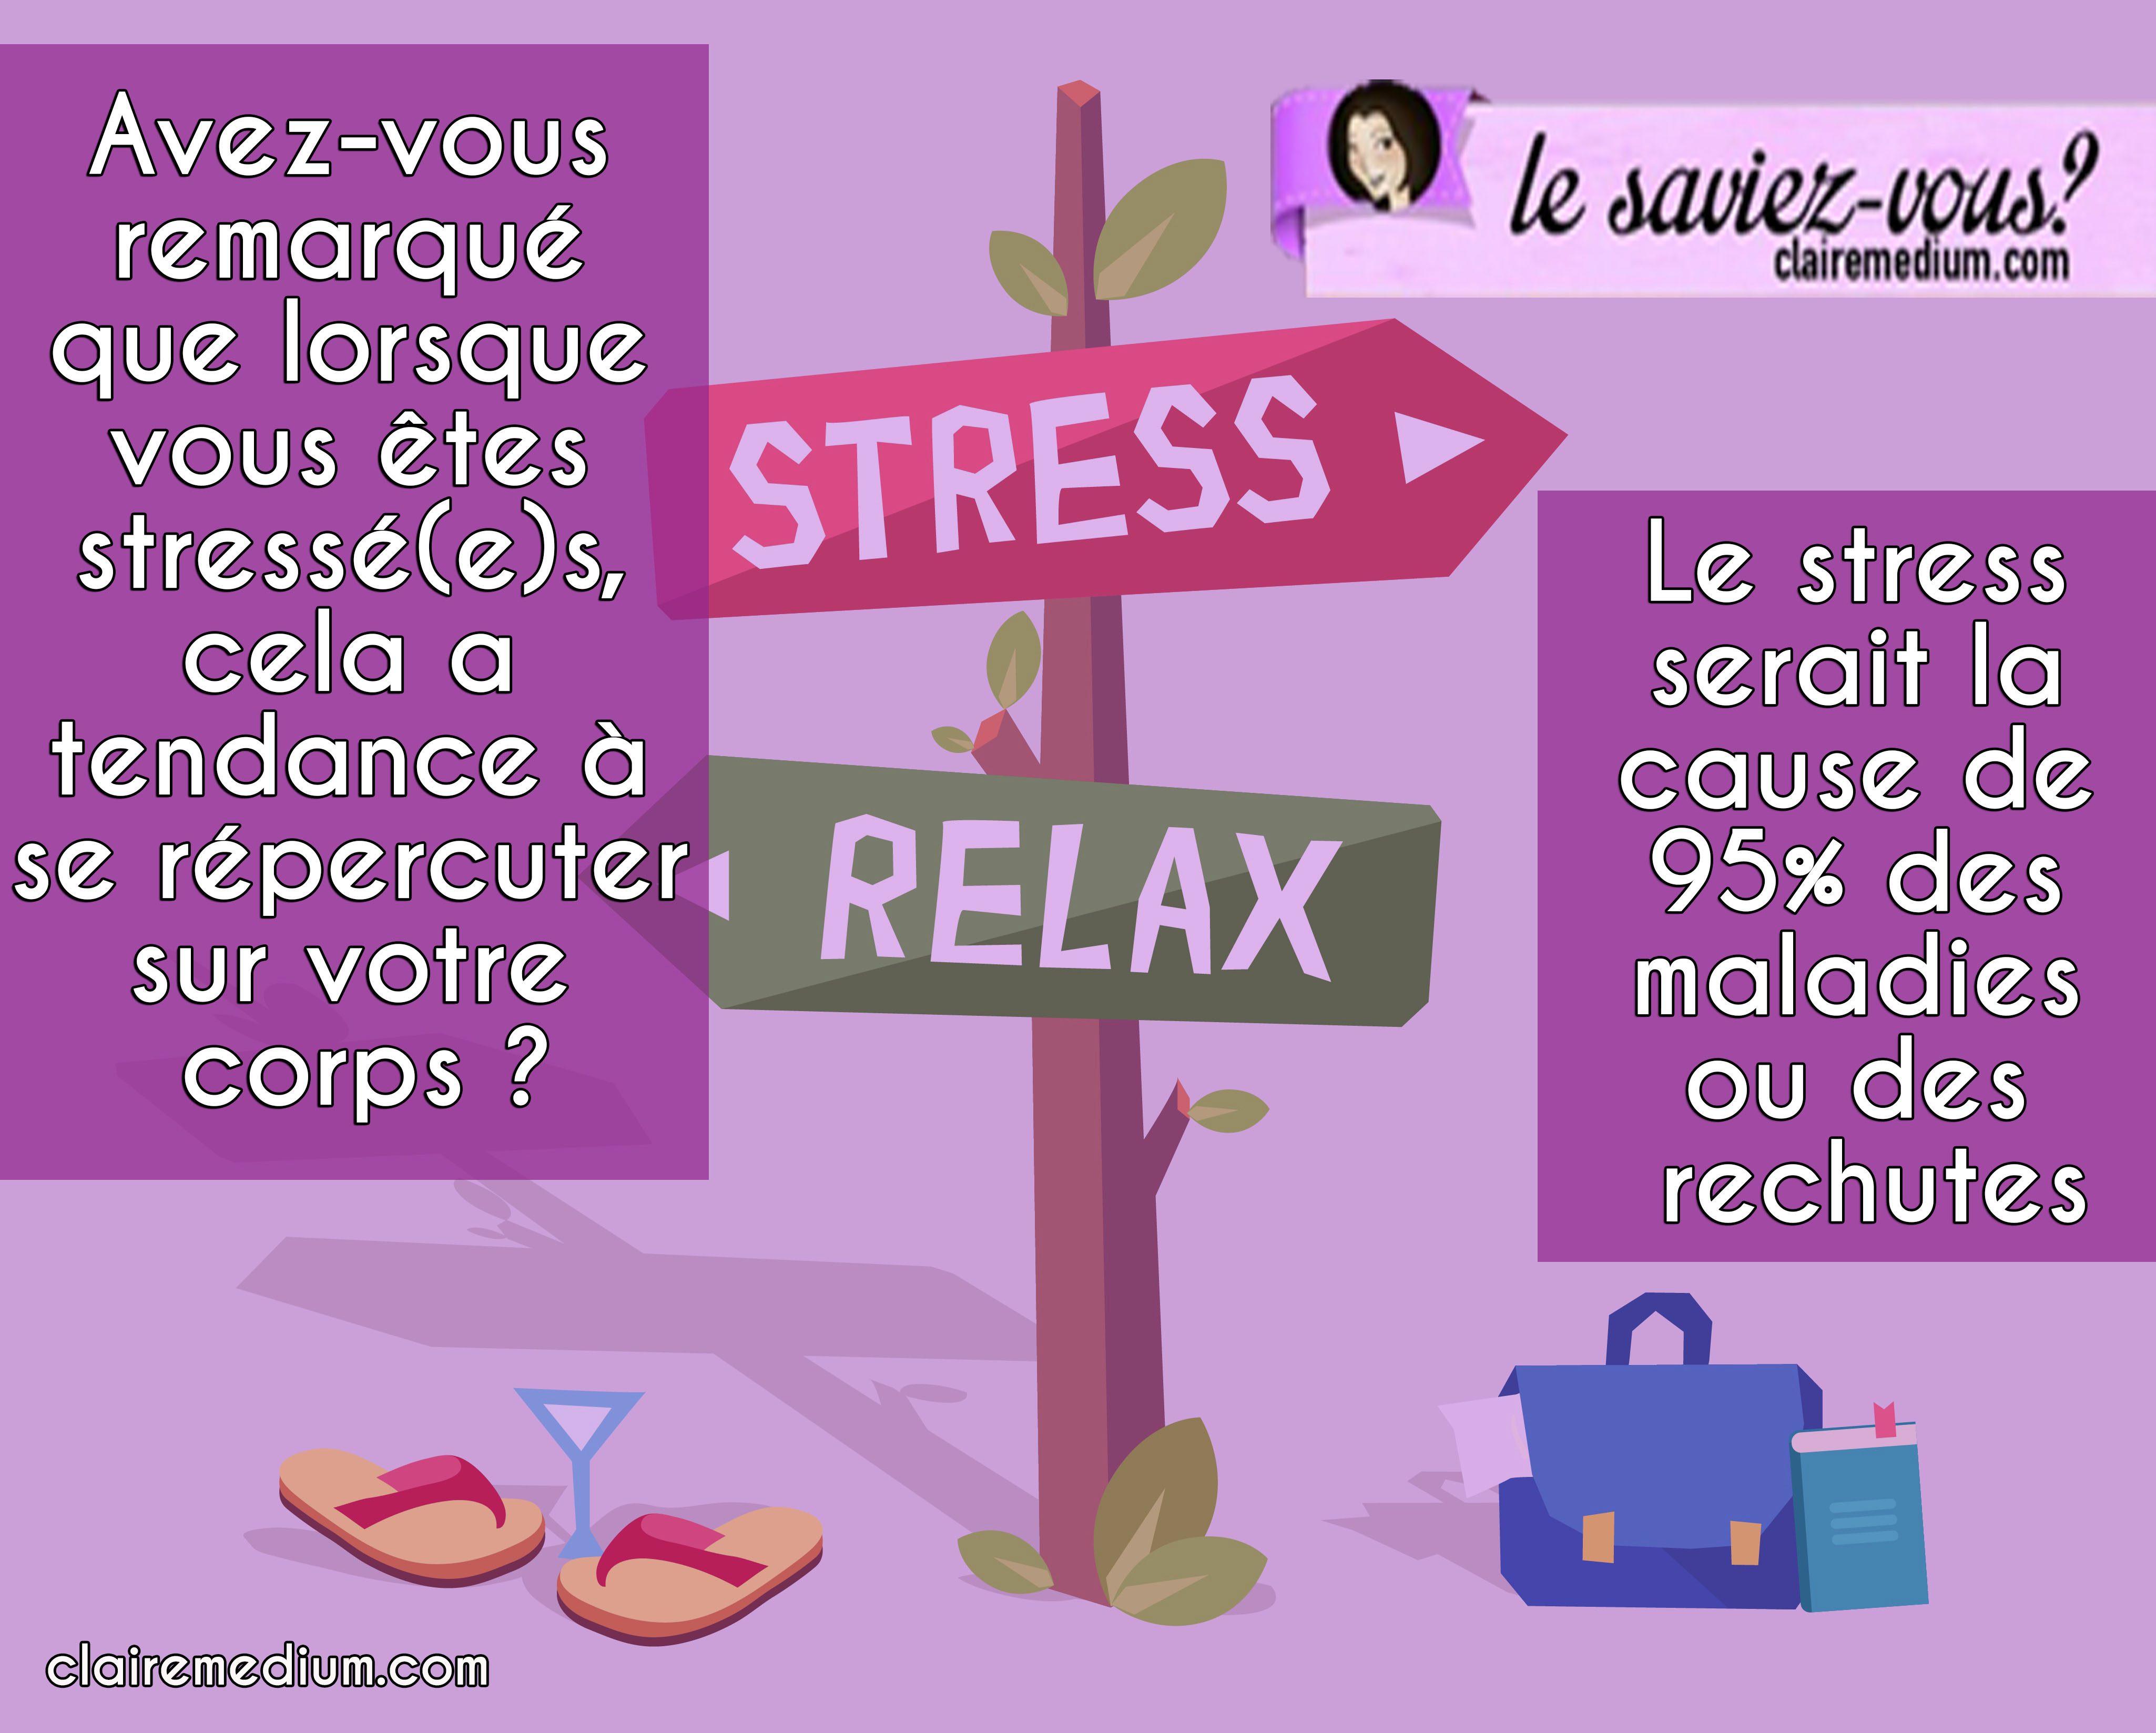 Le saviez-vous ? Le stress